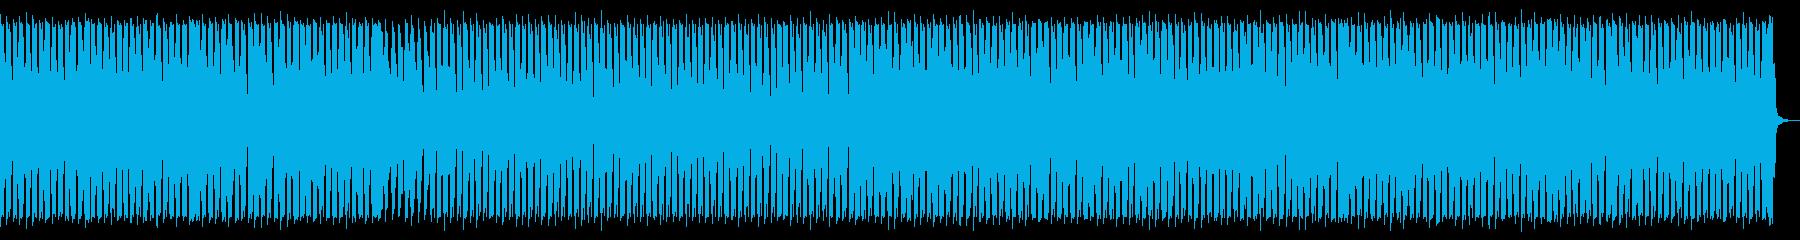 軽快でタイトなテクノビートの再生済みの波形